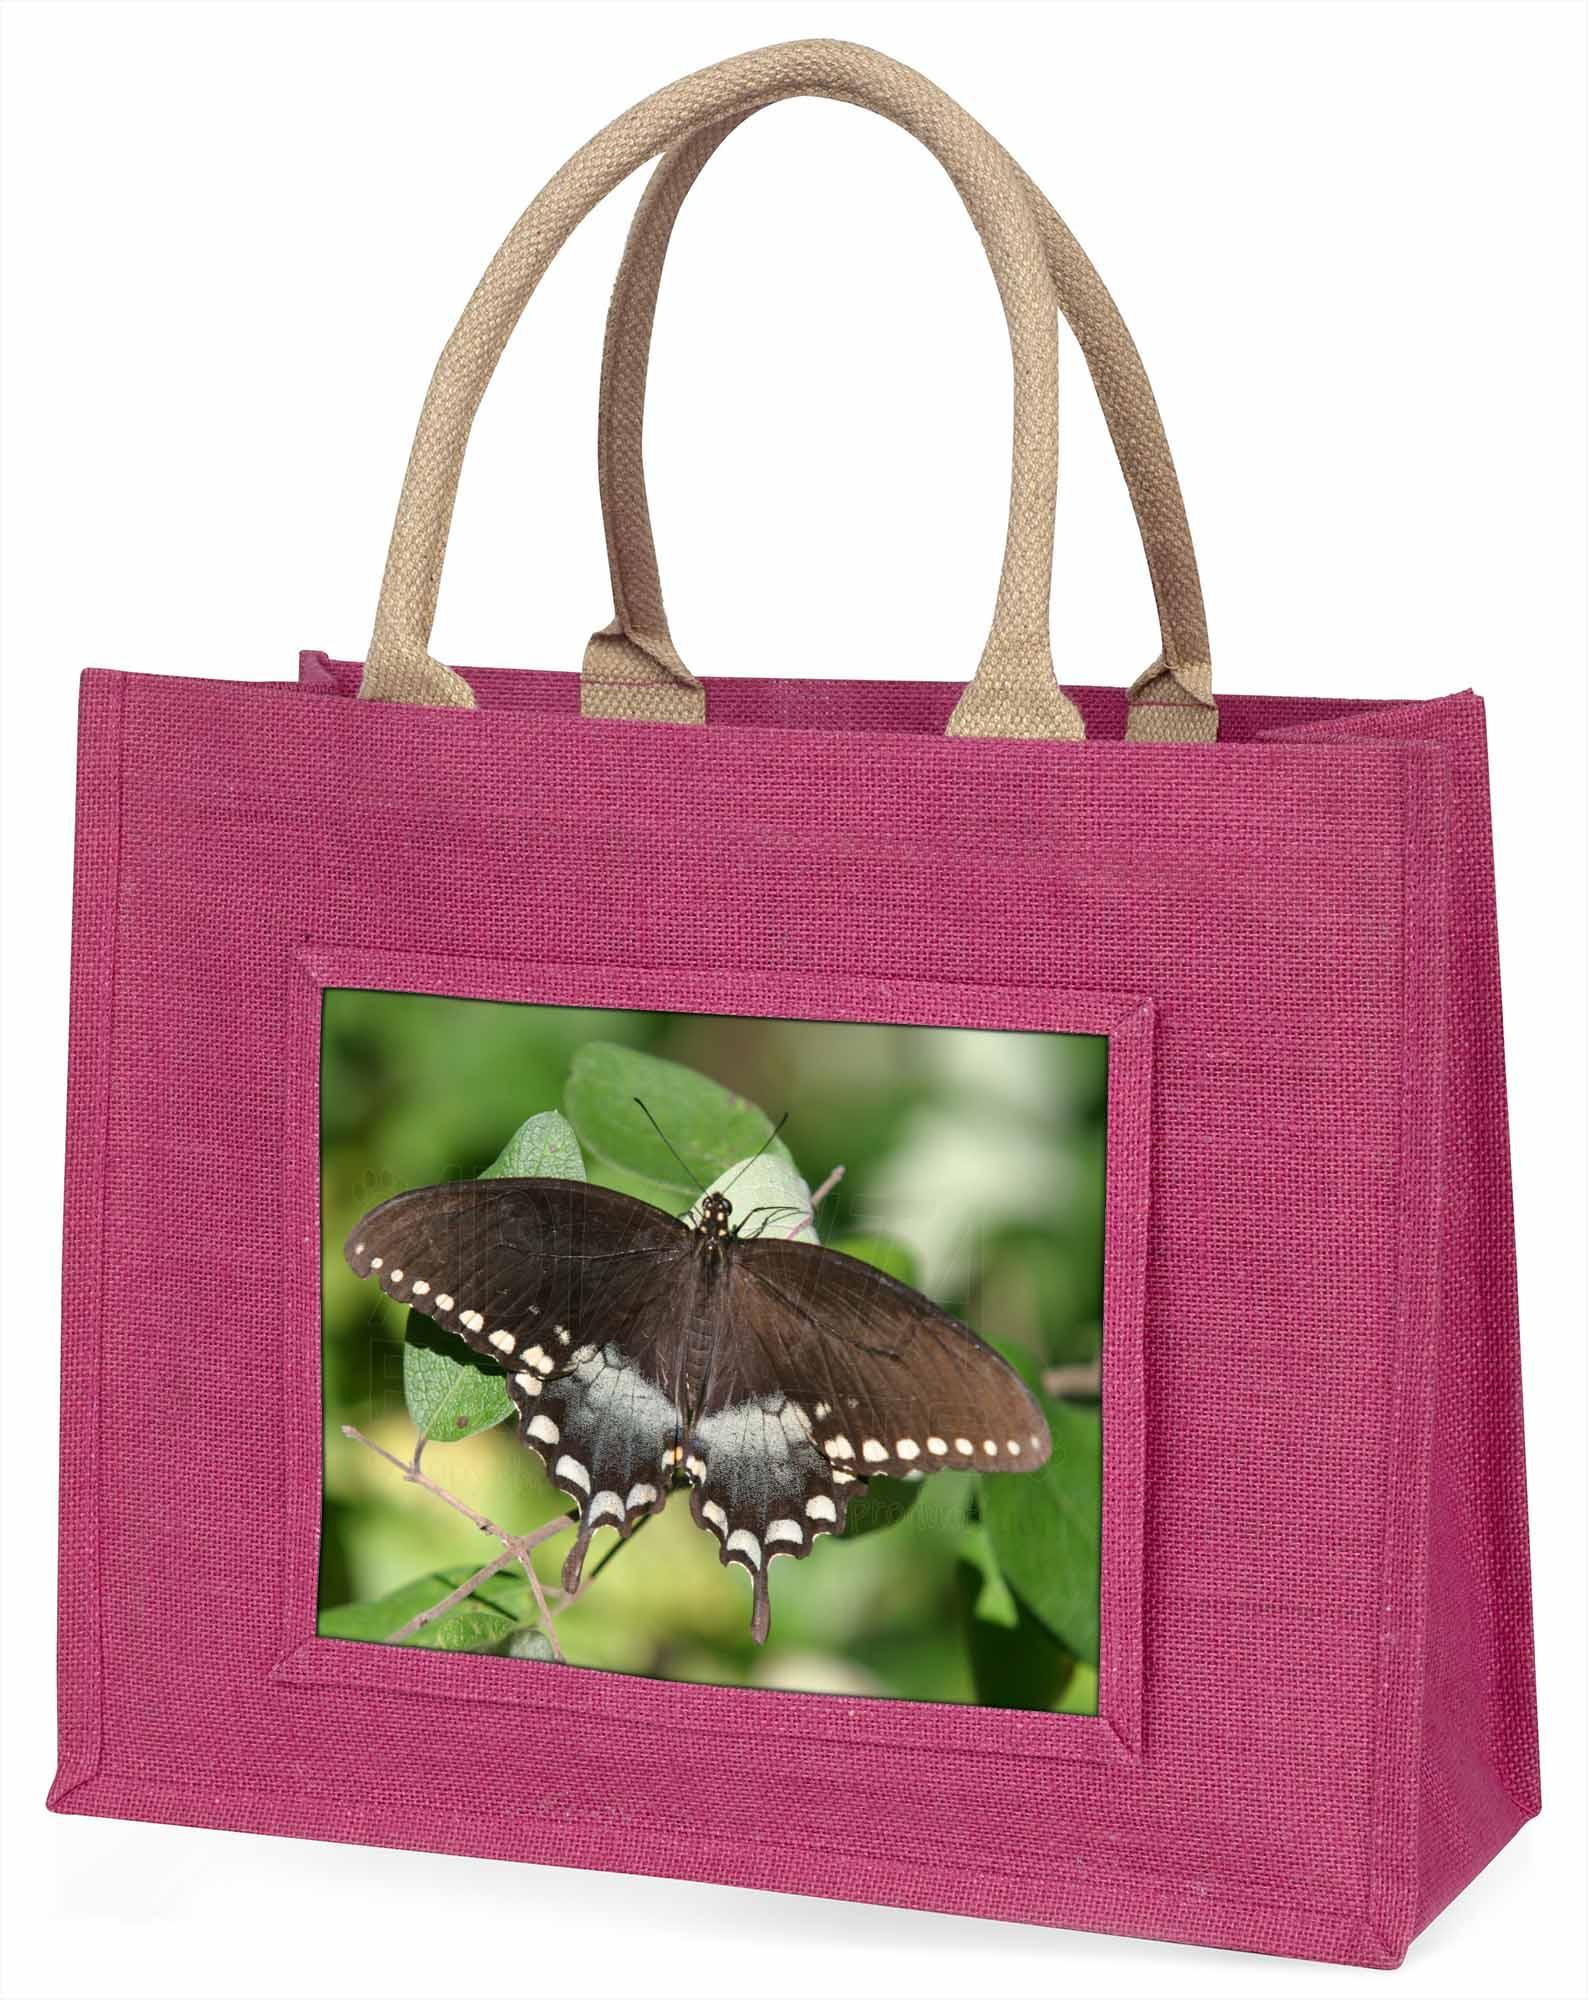 Schmetterlinge,brauner Schmetterling große rosa Einkaufstasche